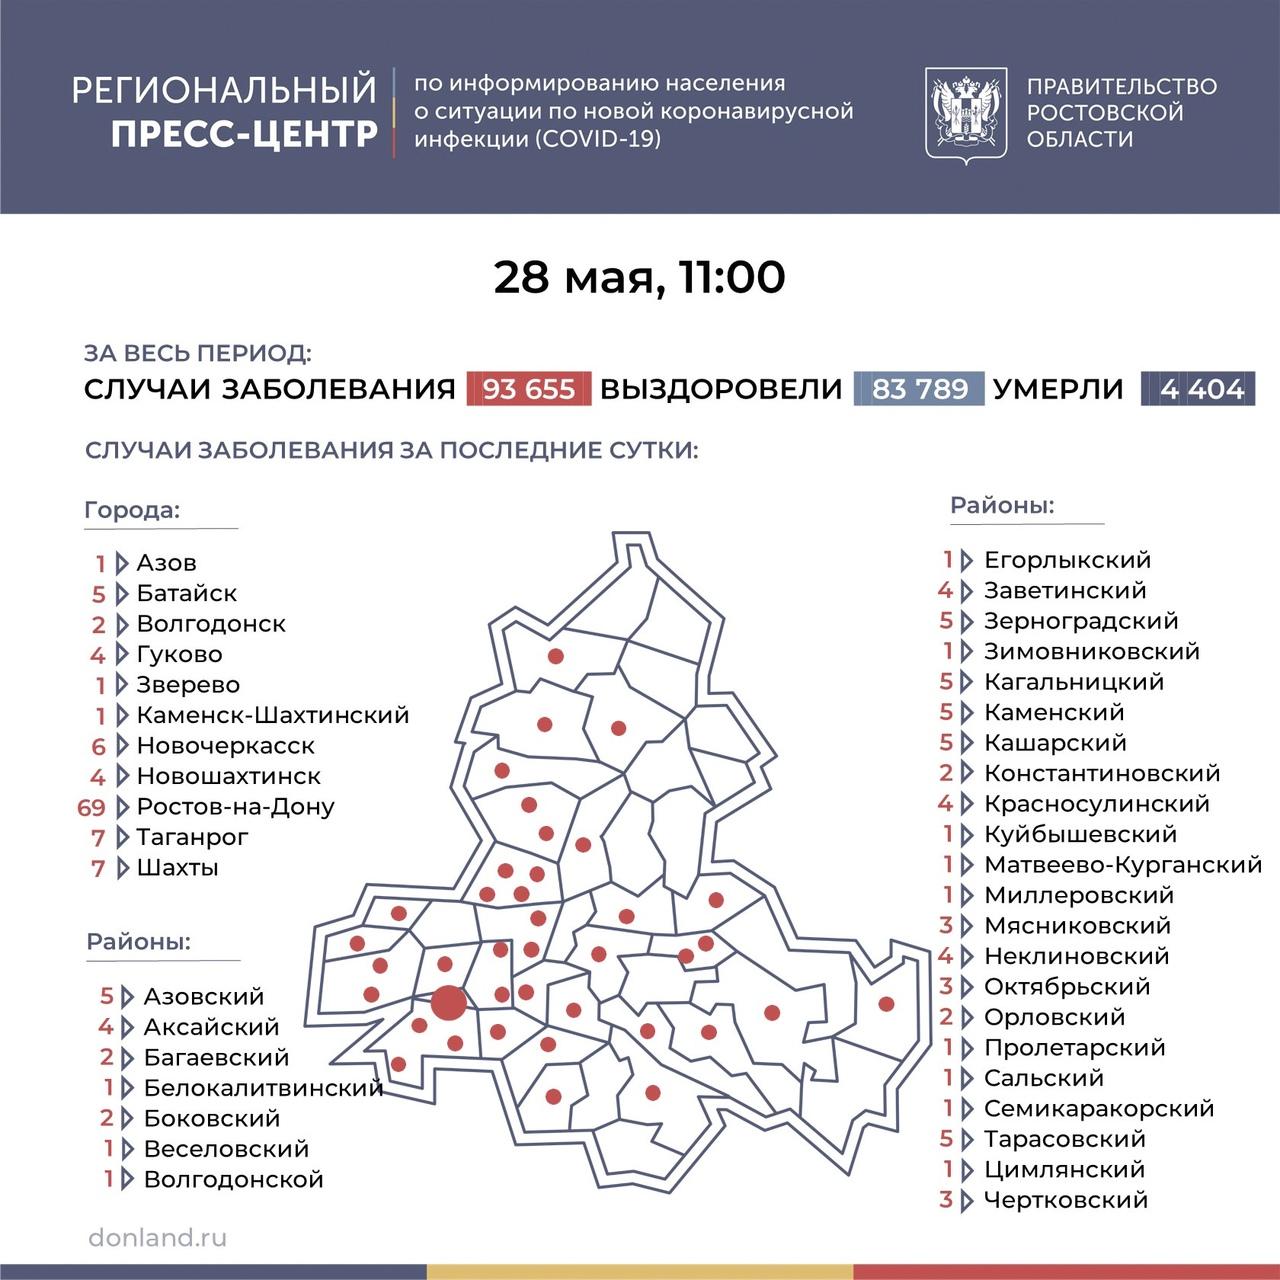 На Дону число инфицированных COVID-19 составляет 182, в Таганроге 7 новых случаев